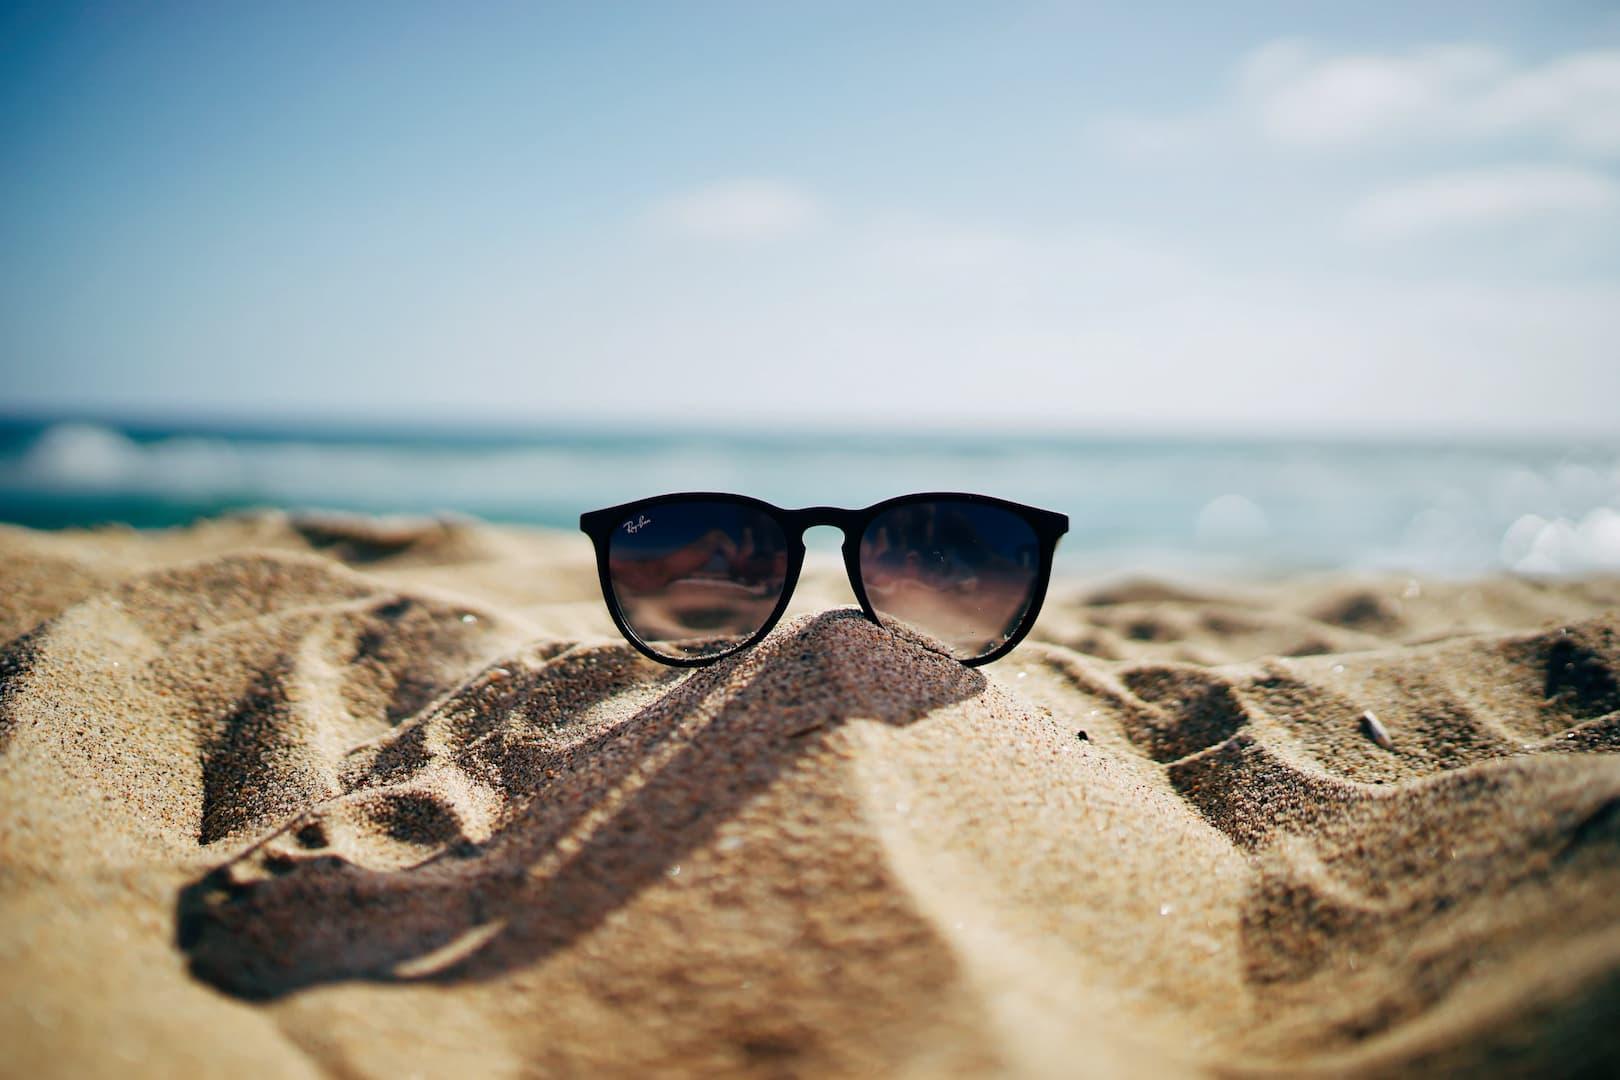 Les 10 produits Naturo indispensables de votre trousse d'été